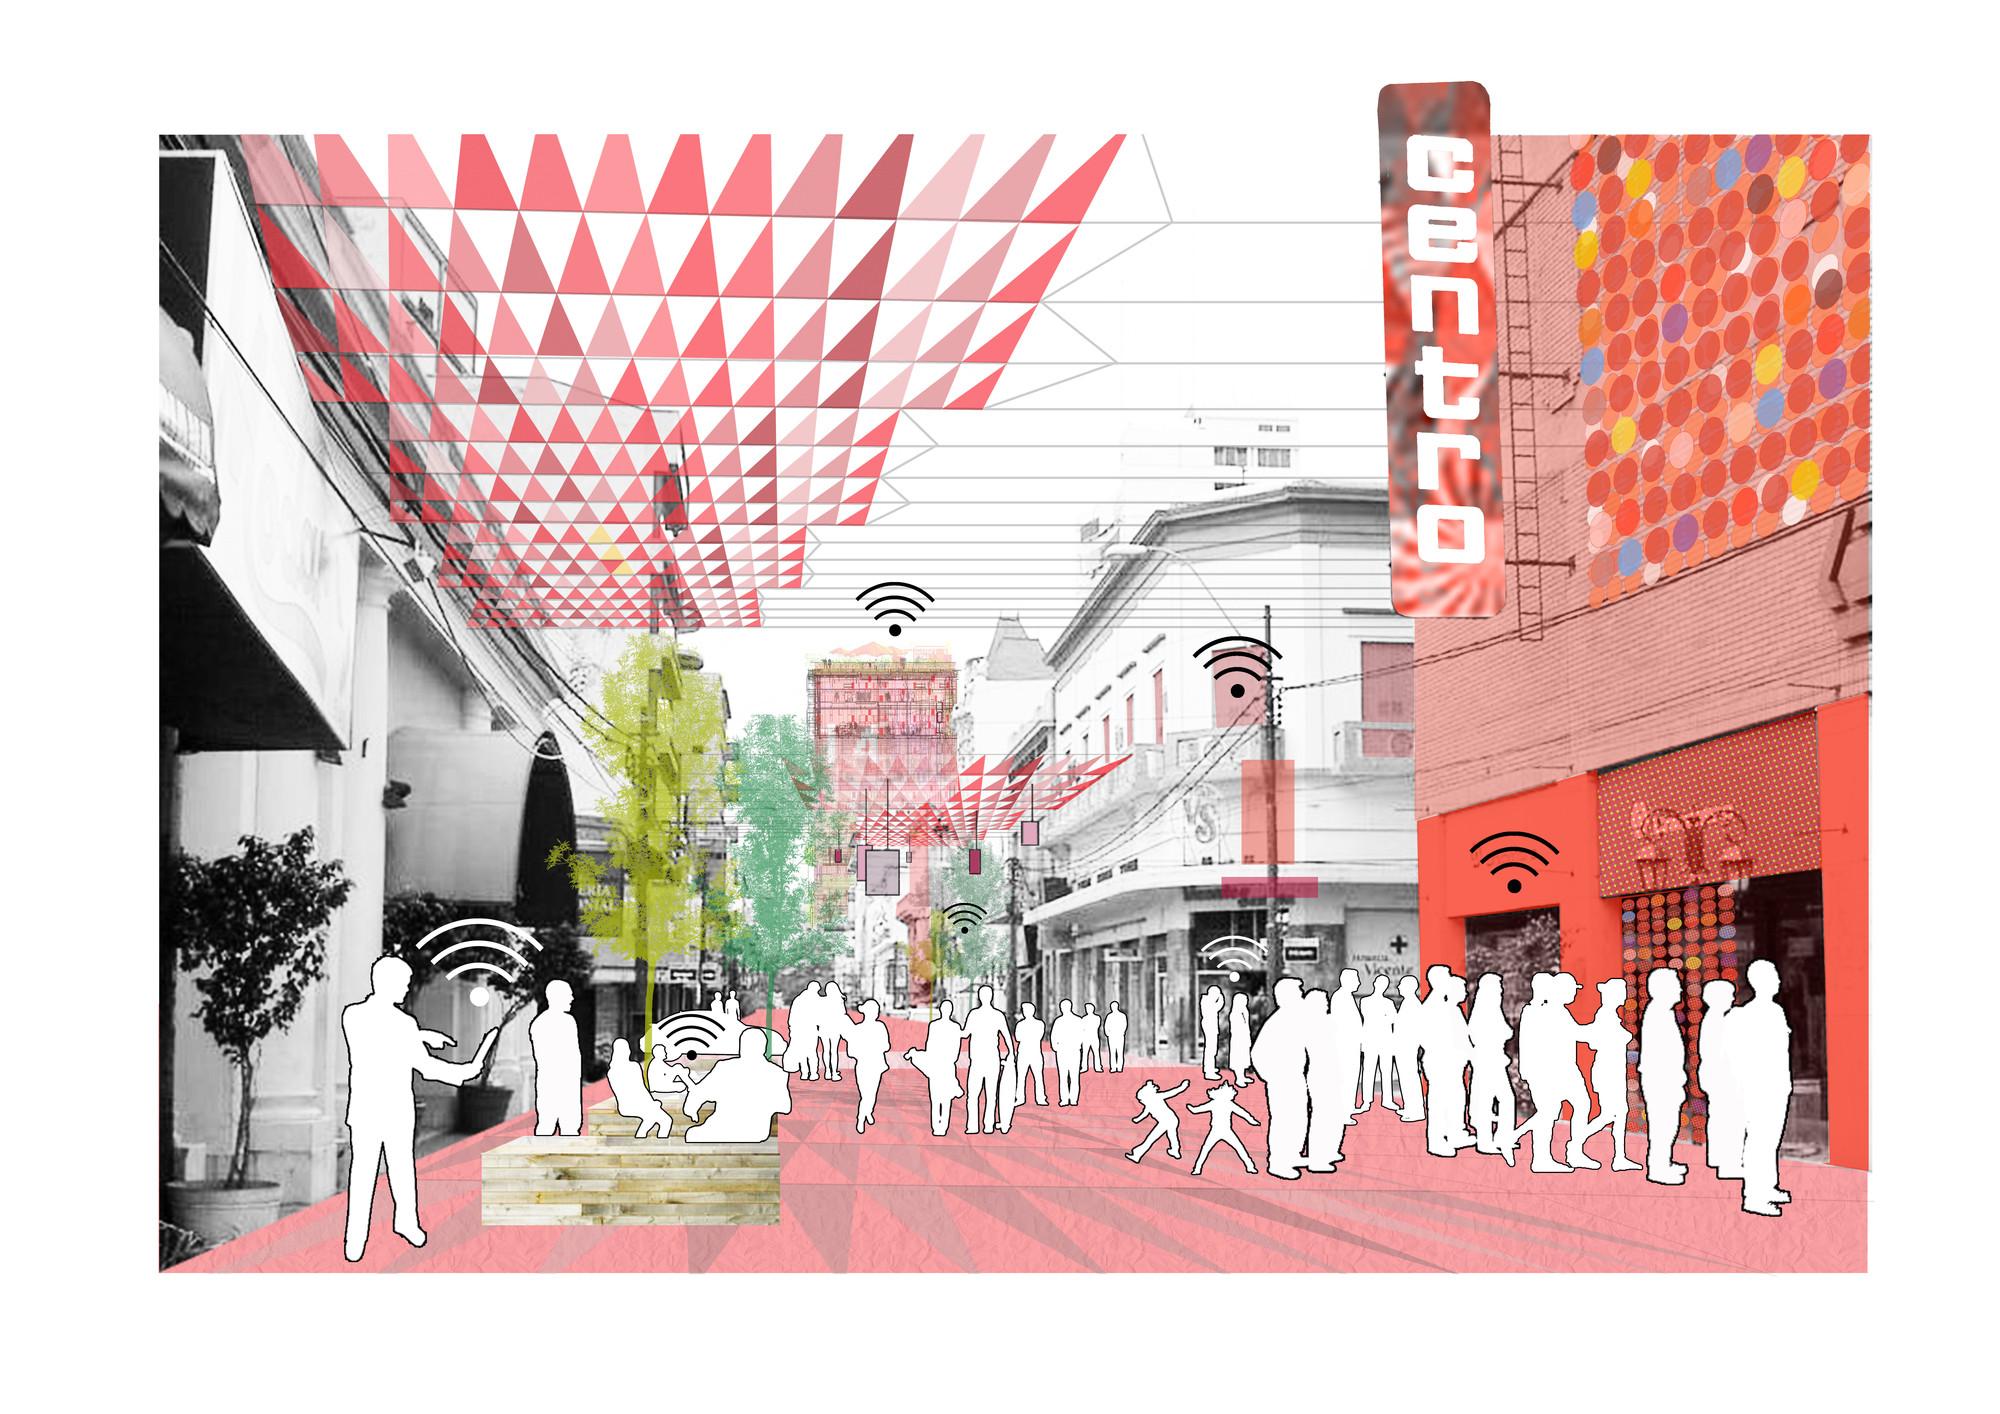 Recreación gráfica del corredor dinámico, calle peatonal: Paso #3. Image © Ecosistema Urbano